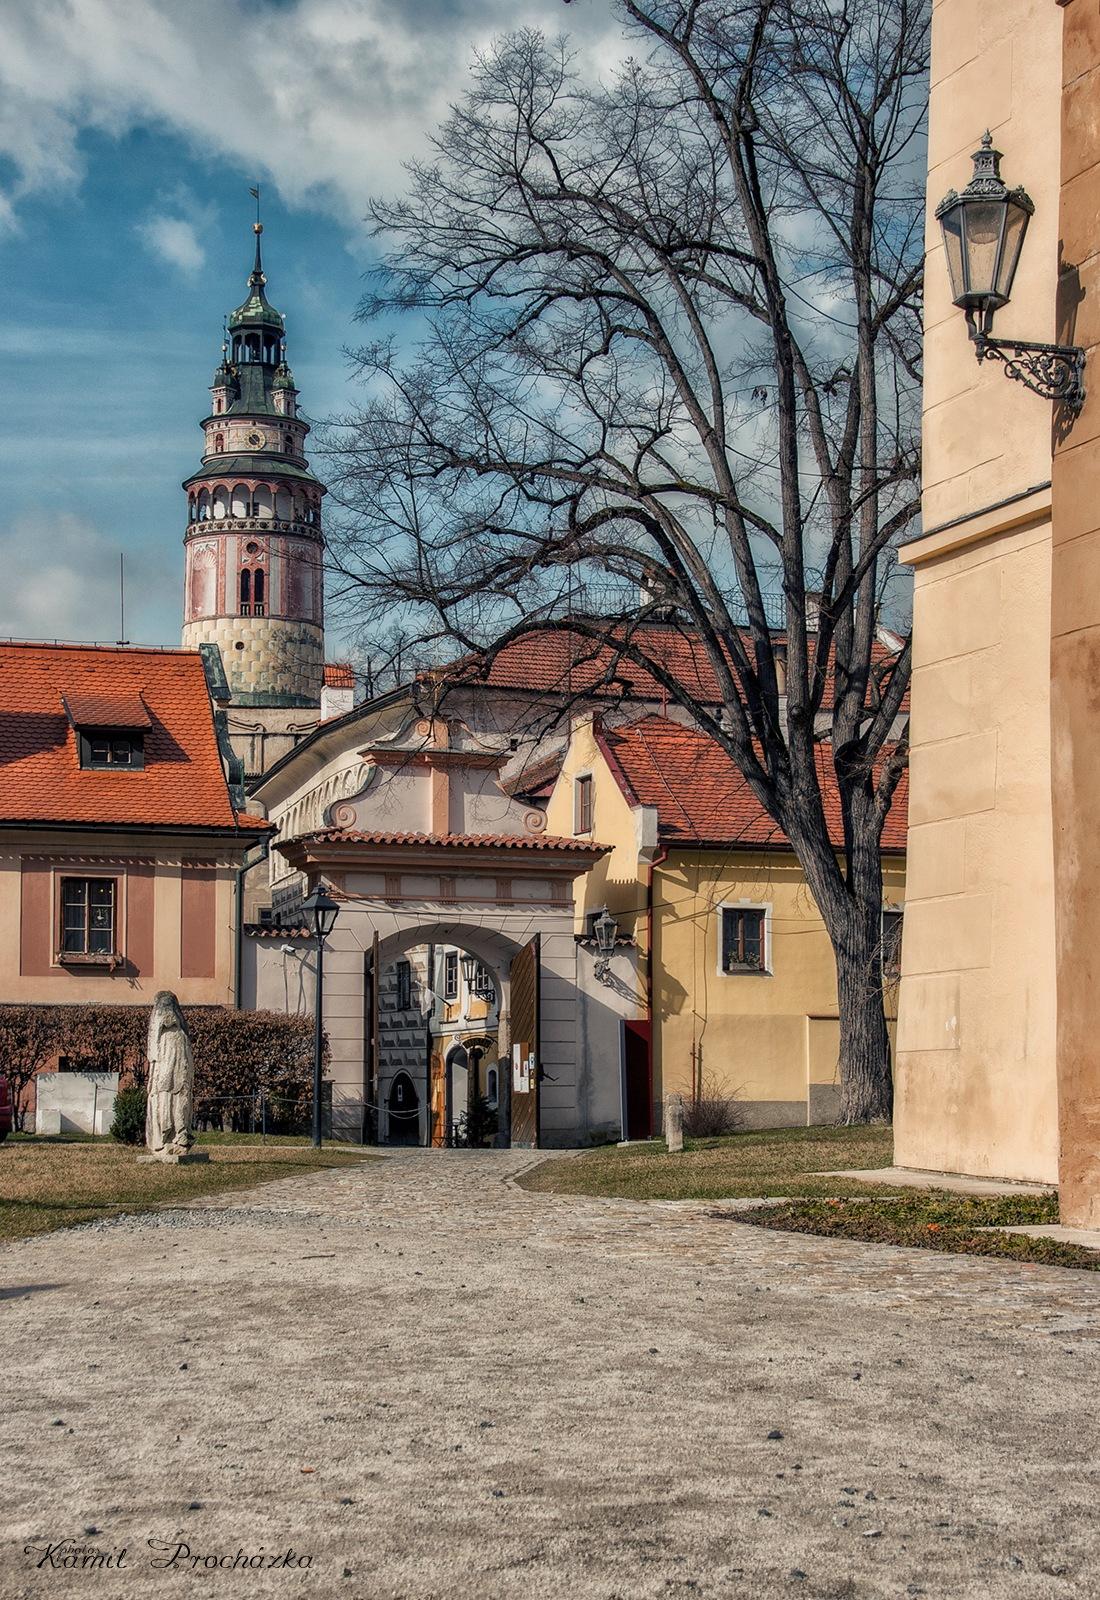 Krumlov Monastery by Kamil Procházka